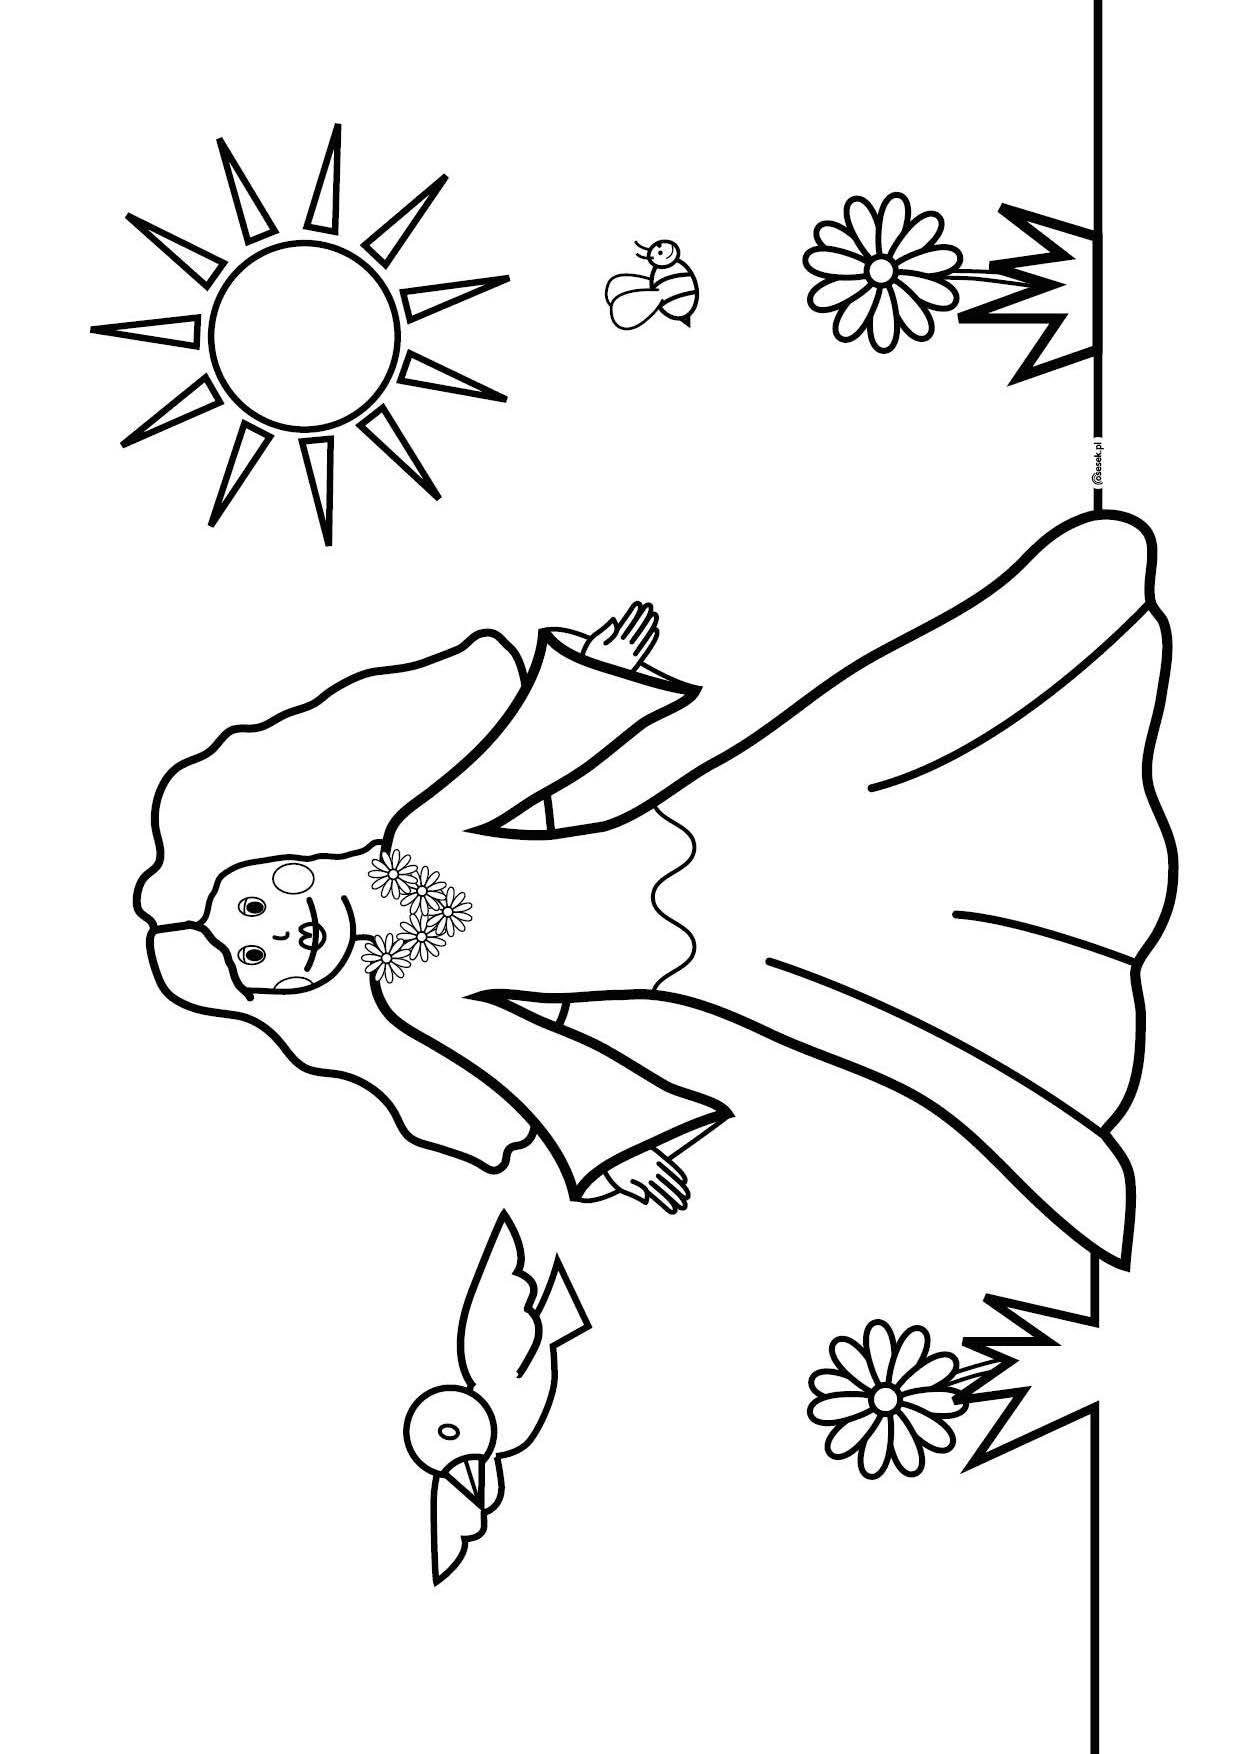 Pani Wiosna Kolorowanka Dla Dzieci Do Druku Osesek Pl